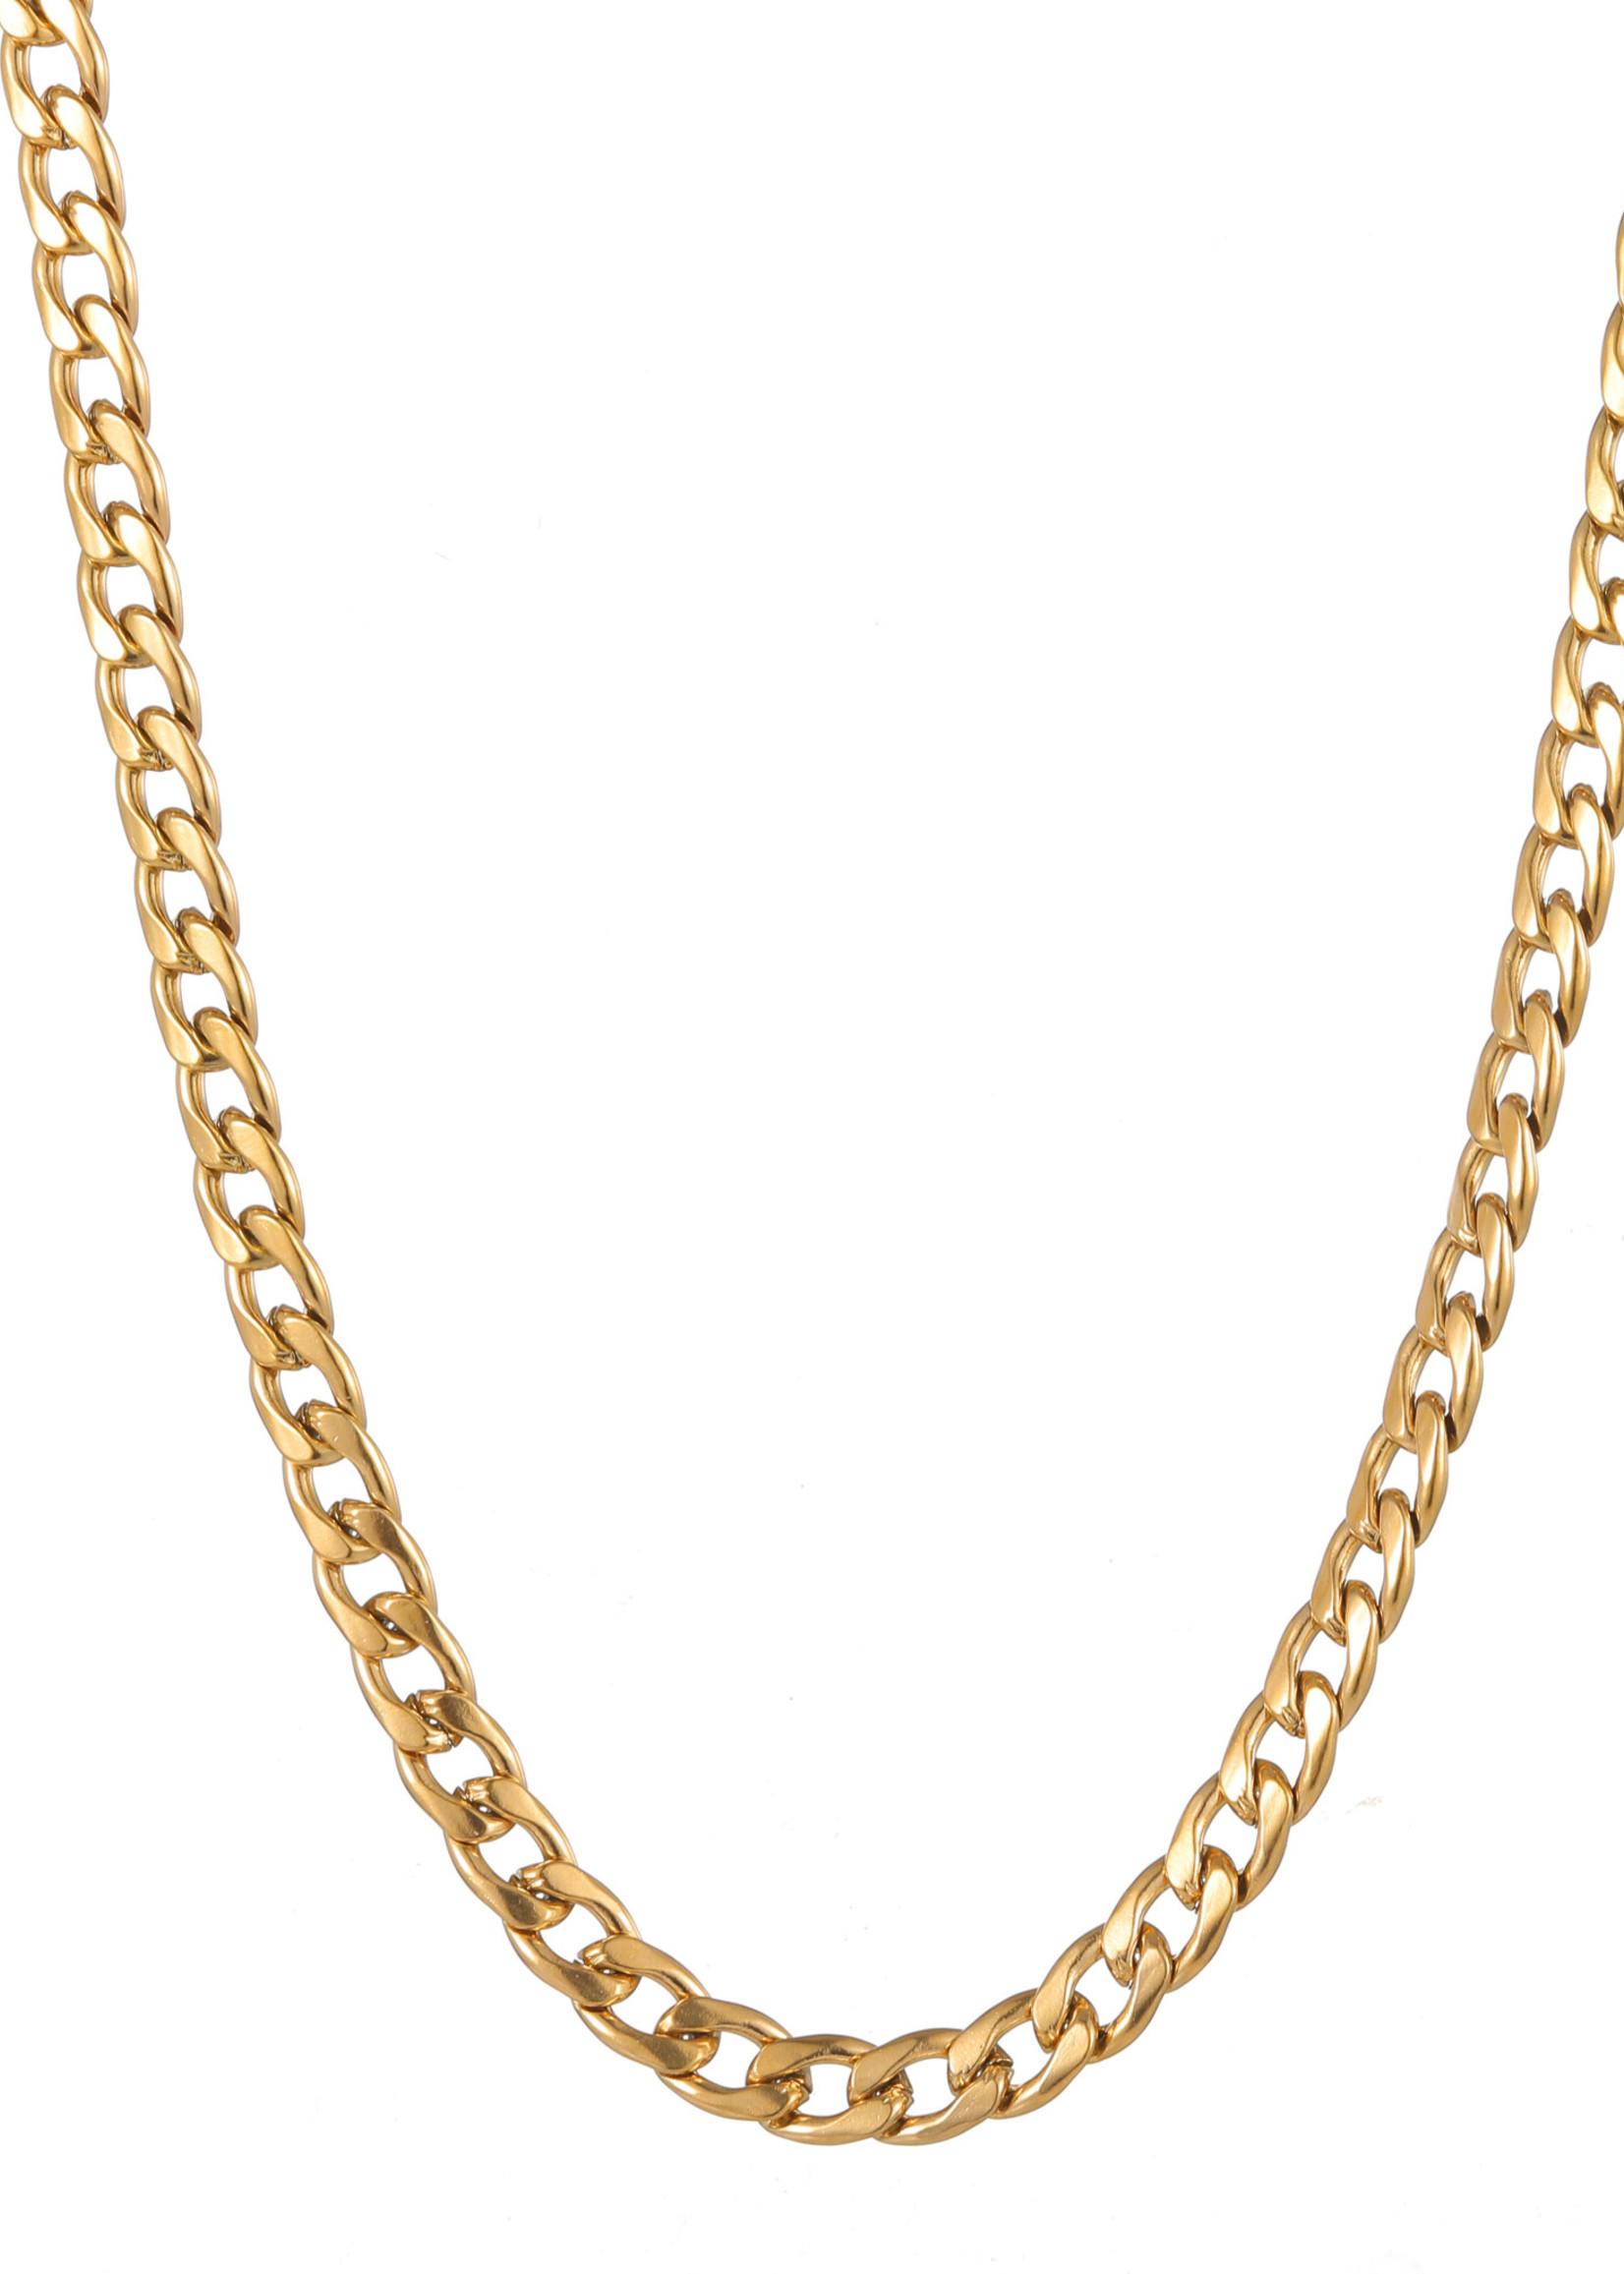 Ketting goud grove schakel N1858-2